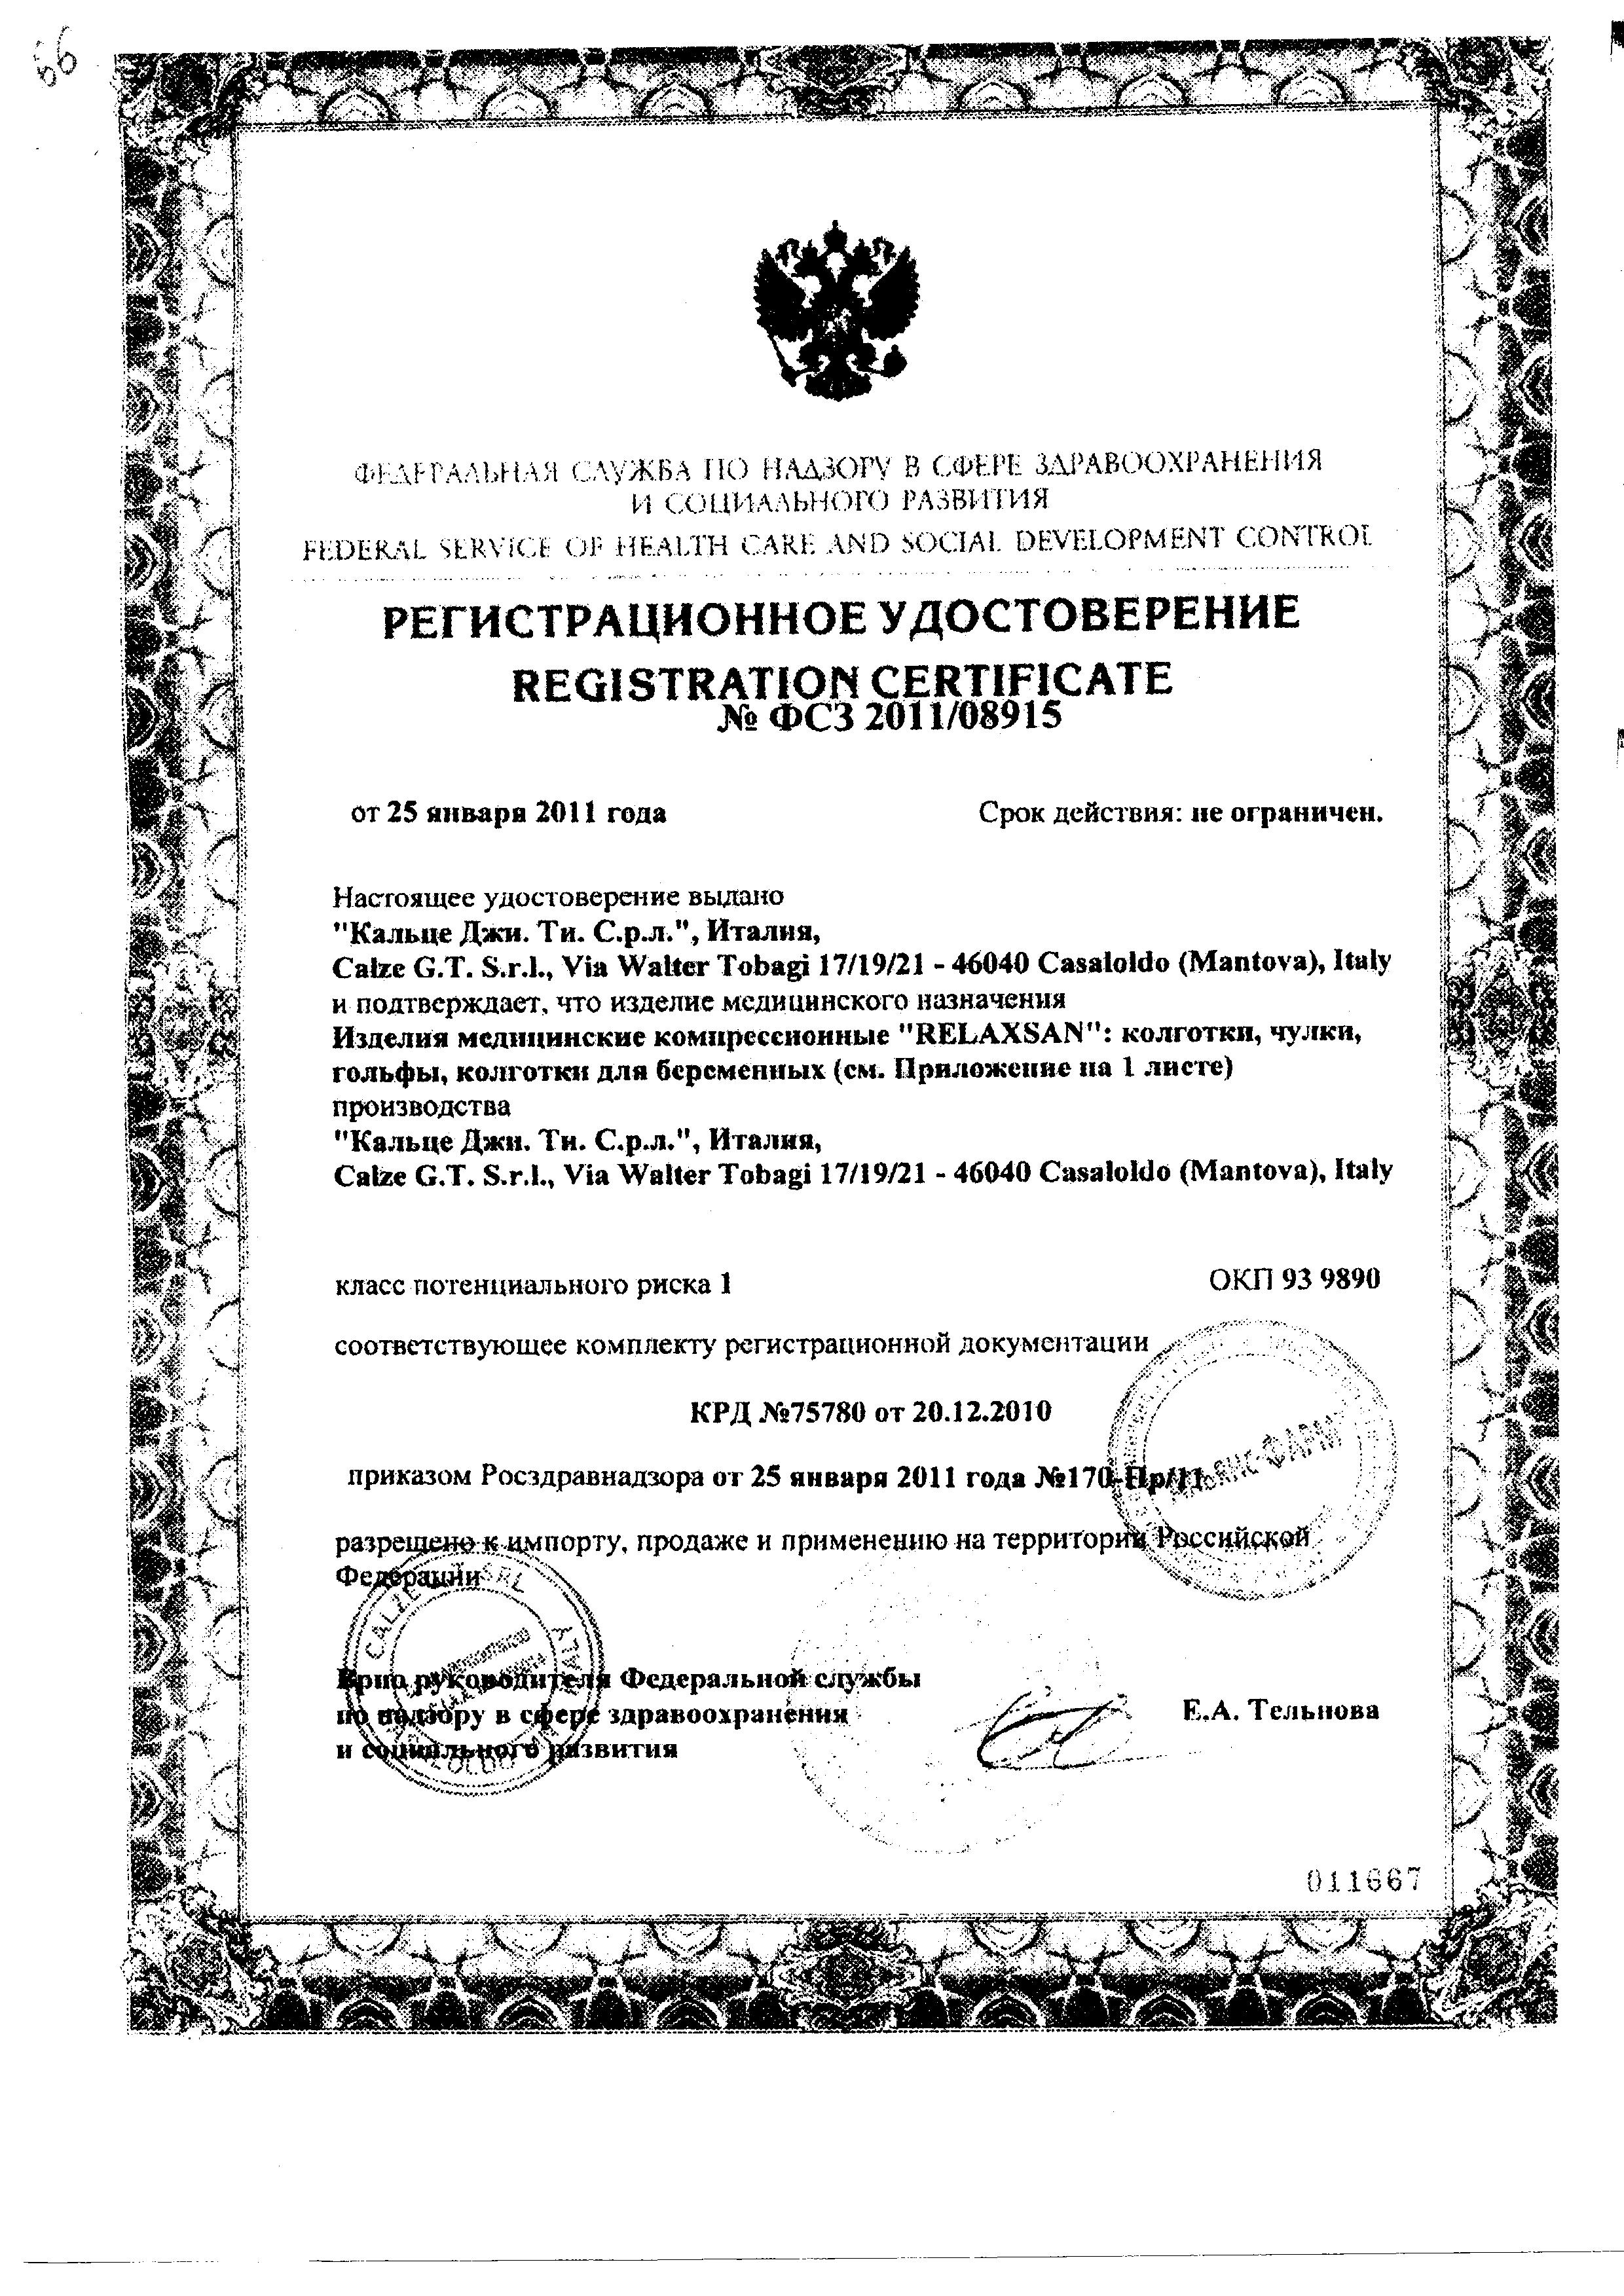 Relaxsan Microfiber Колготки компрессионные с микрофиброй Collant сертификат